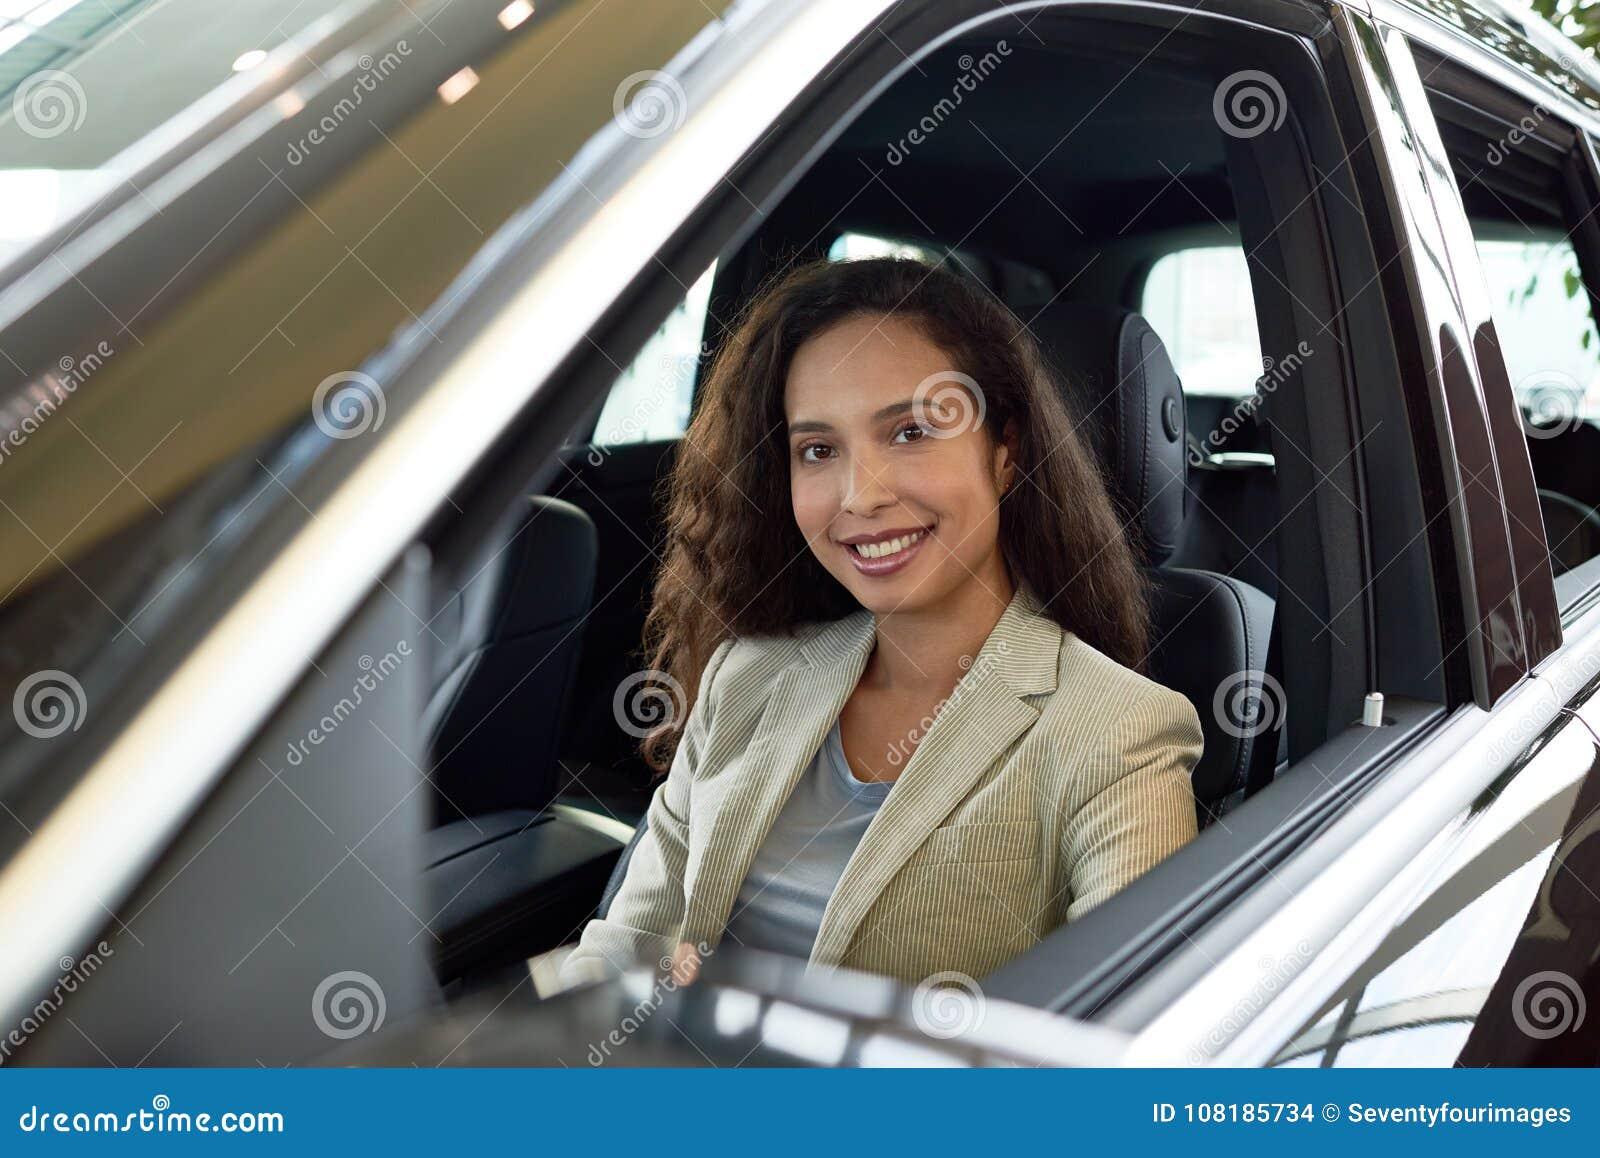 Joyful Owner of New Car stock photo  Image of mixed - 108185734